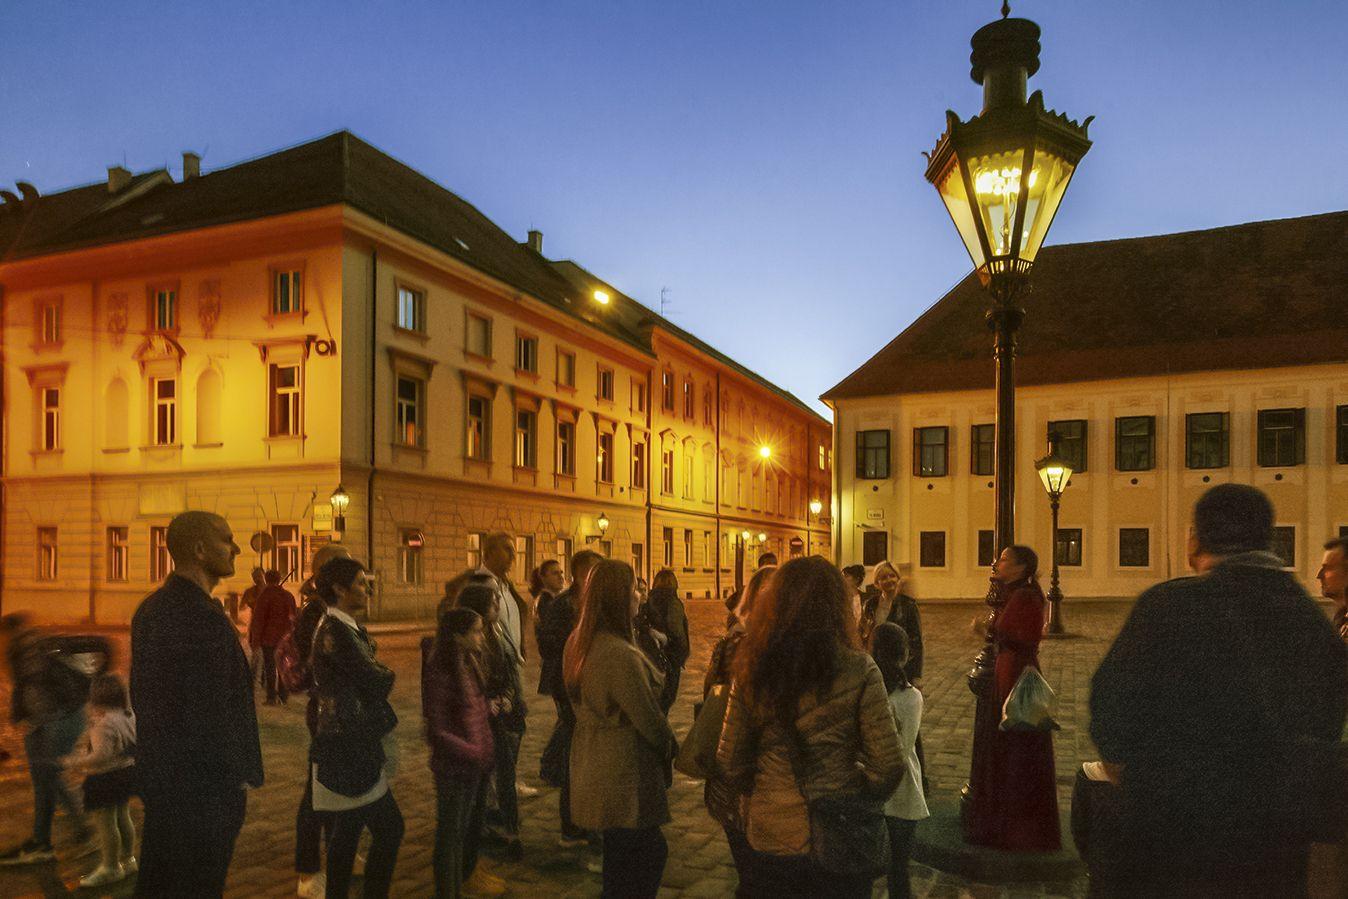 Subota je dan za besplatno razgledavanje grada